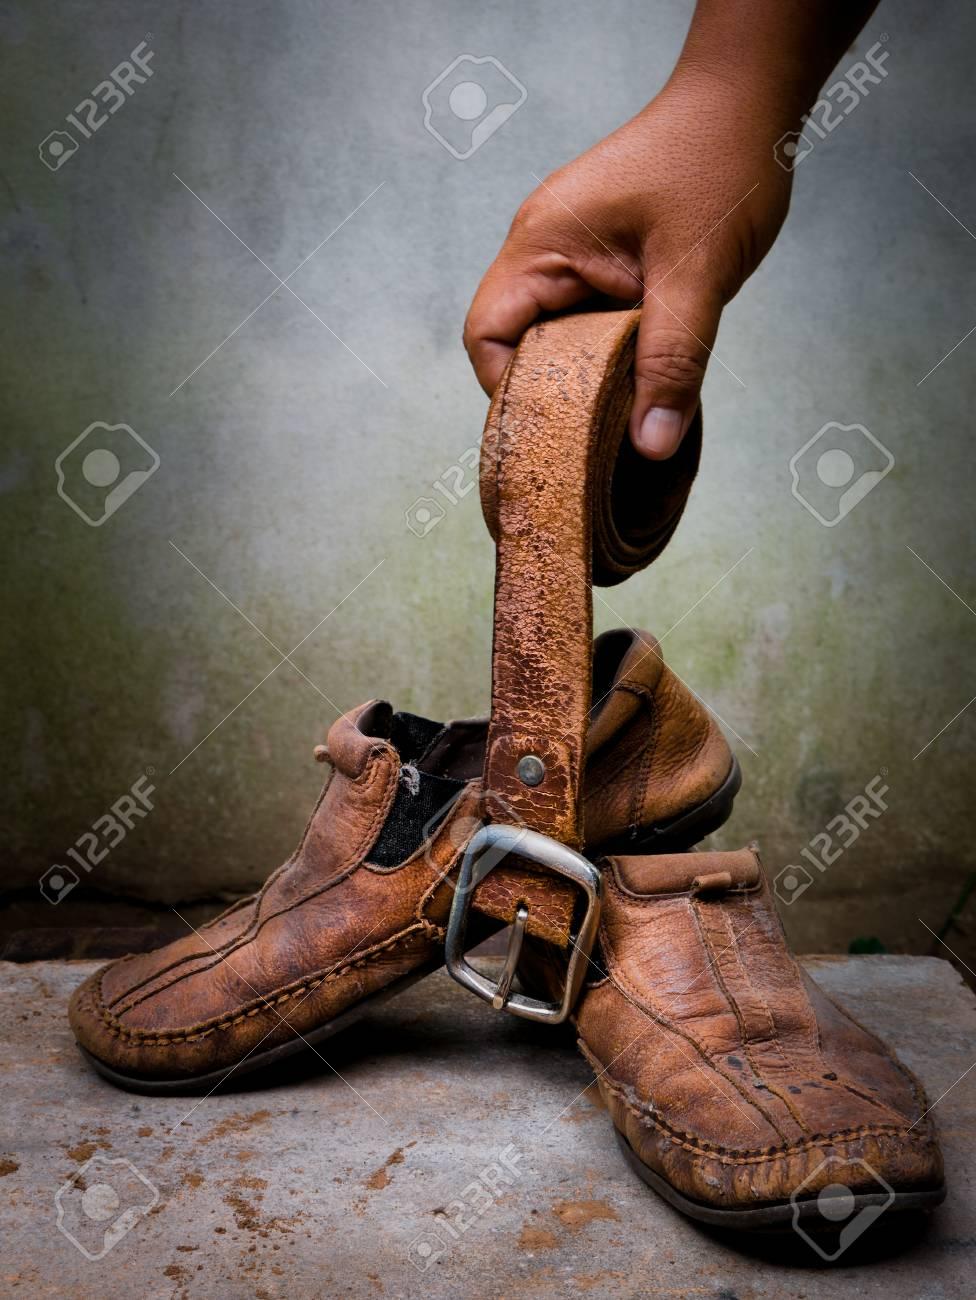 prezzo all'ingrosso prezzo moderato varietà di design Tenere in mano vecchie scarpe di pelle e cintura. È più di pelle sporca e  squallida. È ora di cambiare scarpe nuove o ripararle.